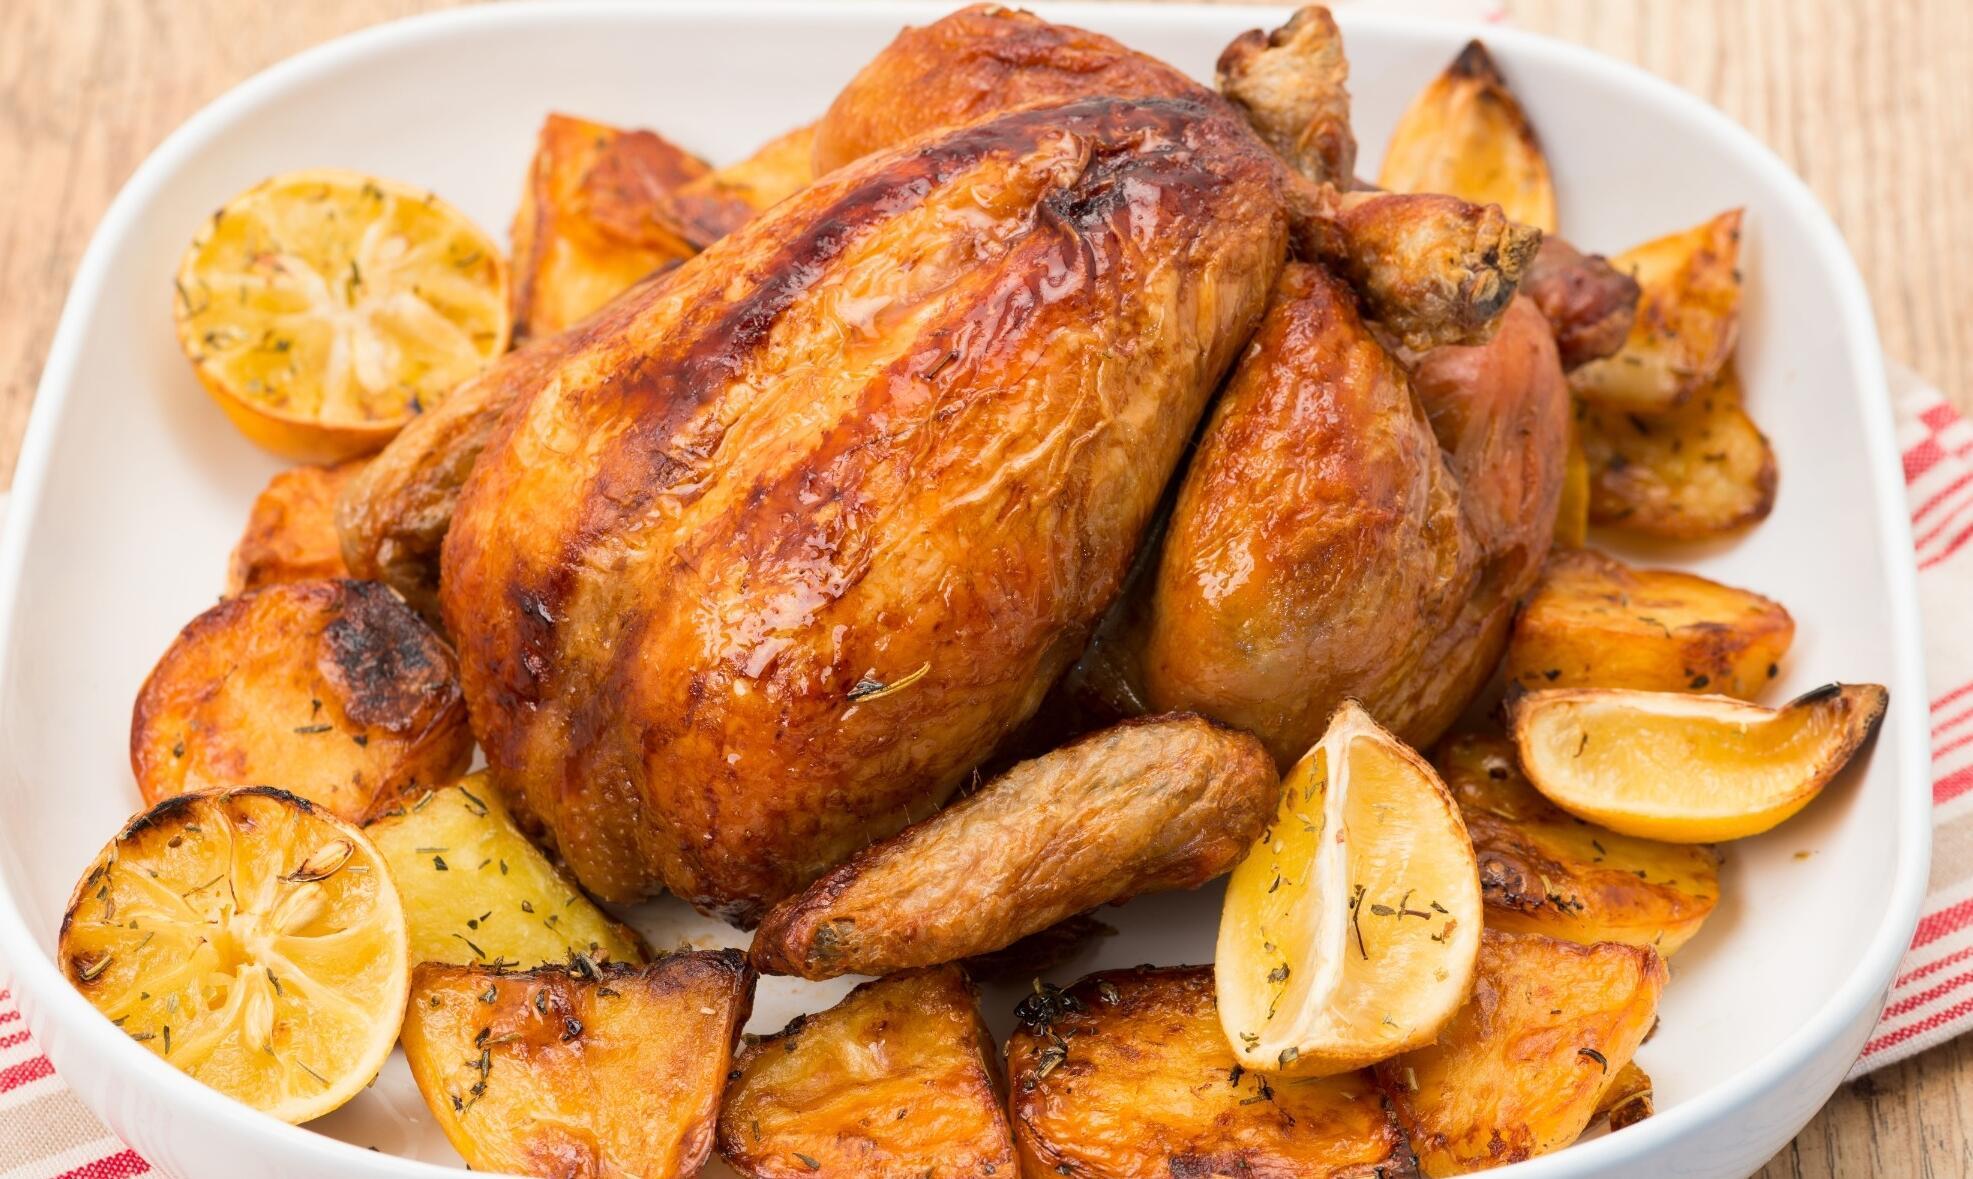 Fırında tavukları lezzetli ve kolay bir şekilde pişirin